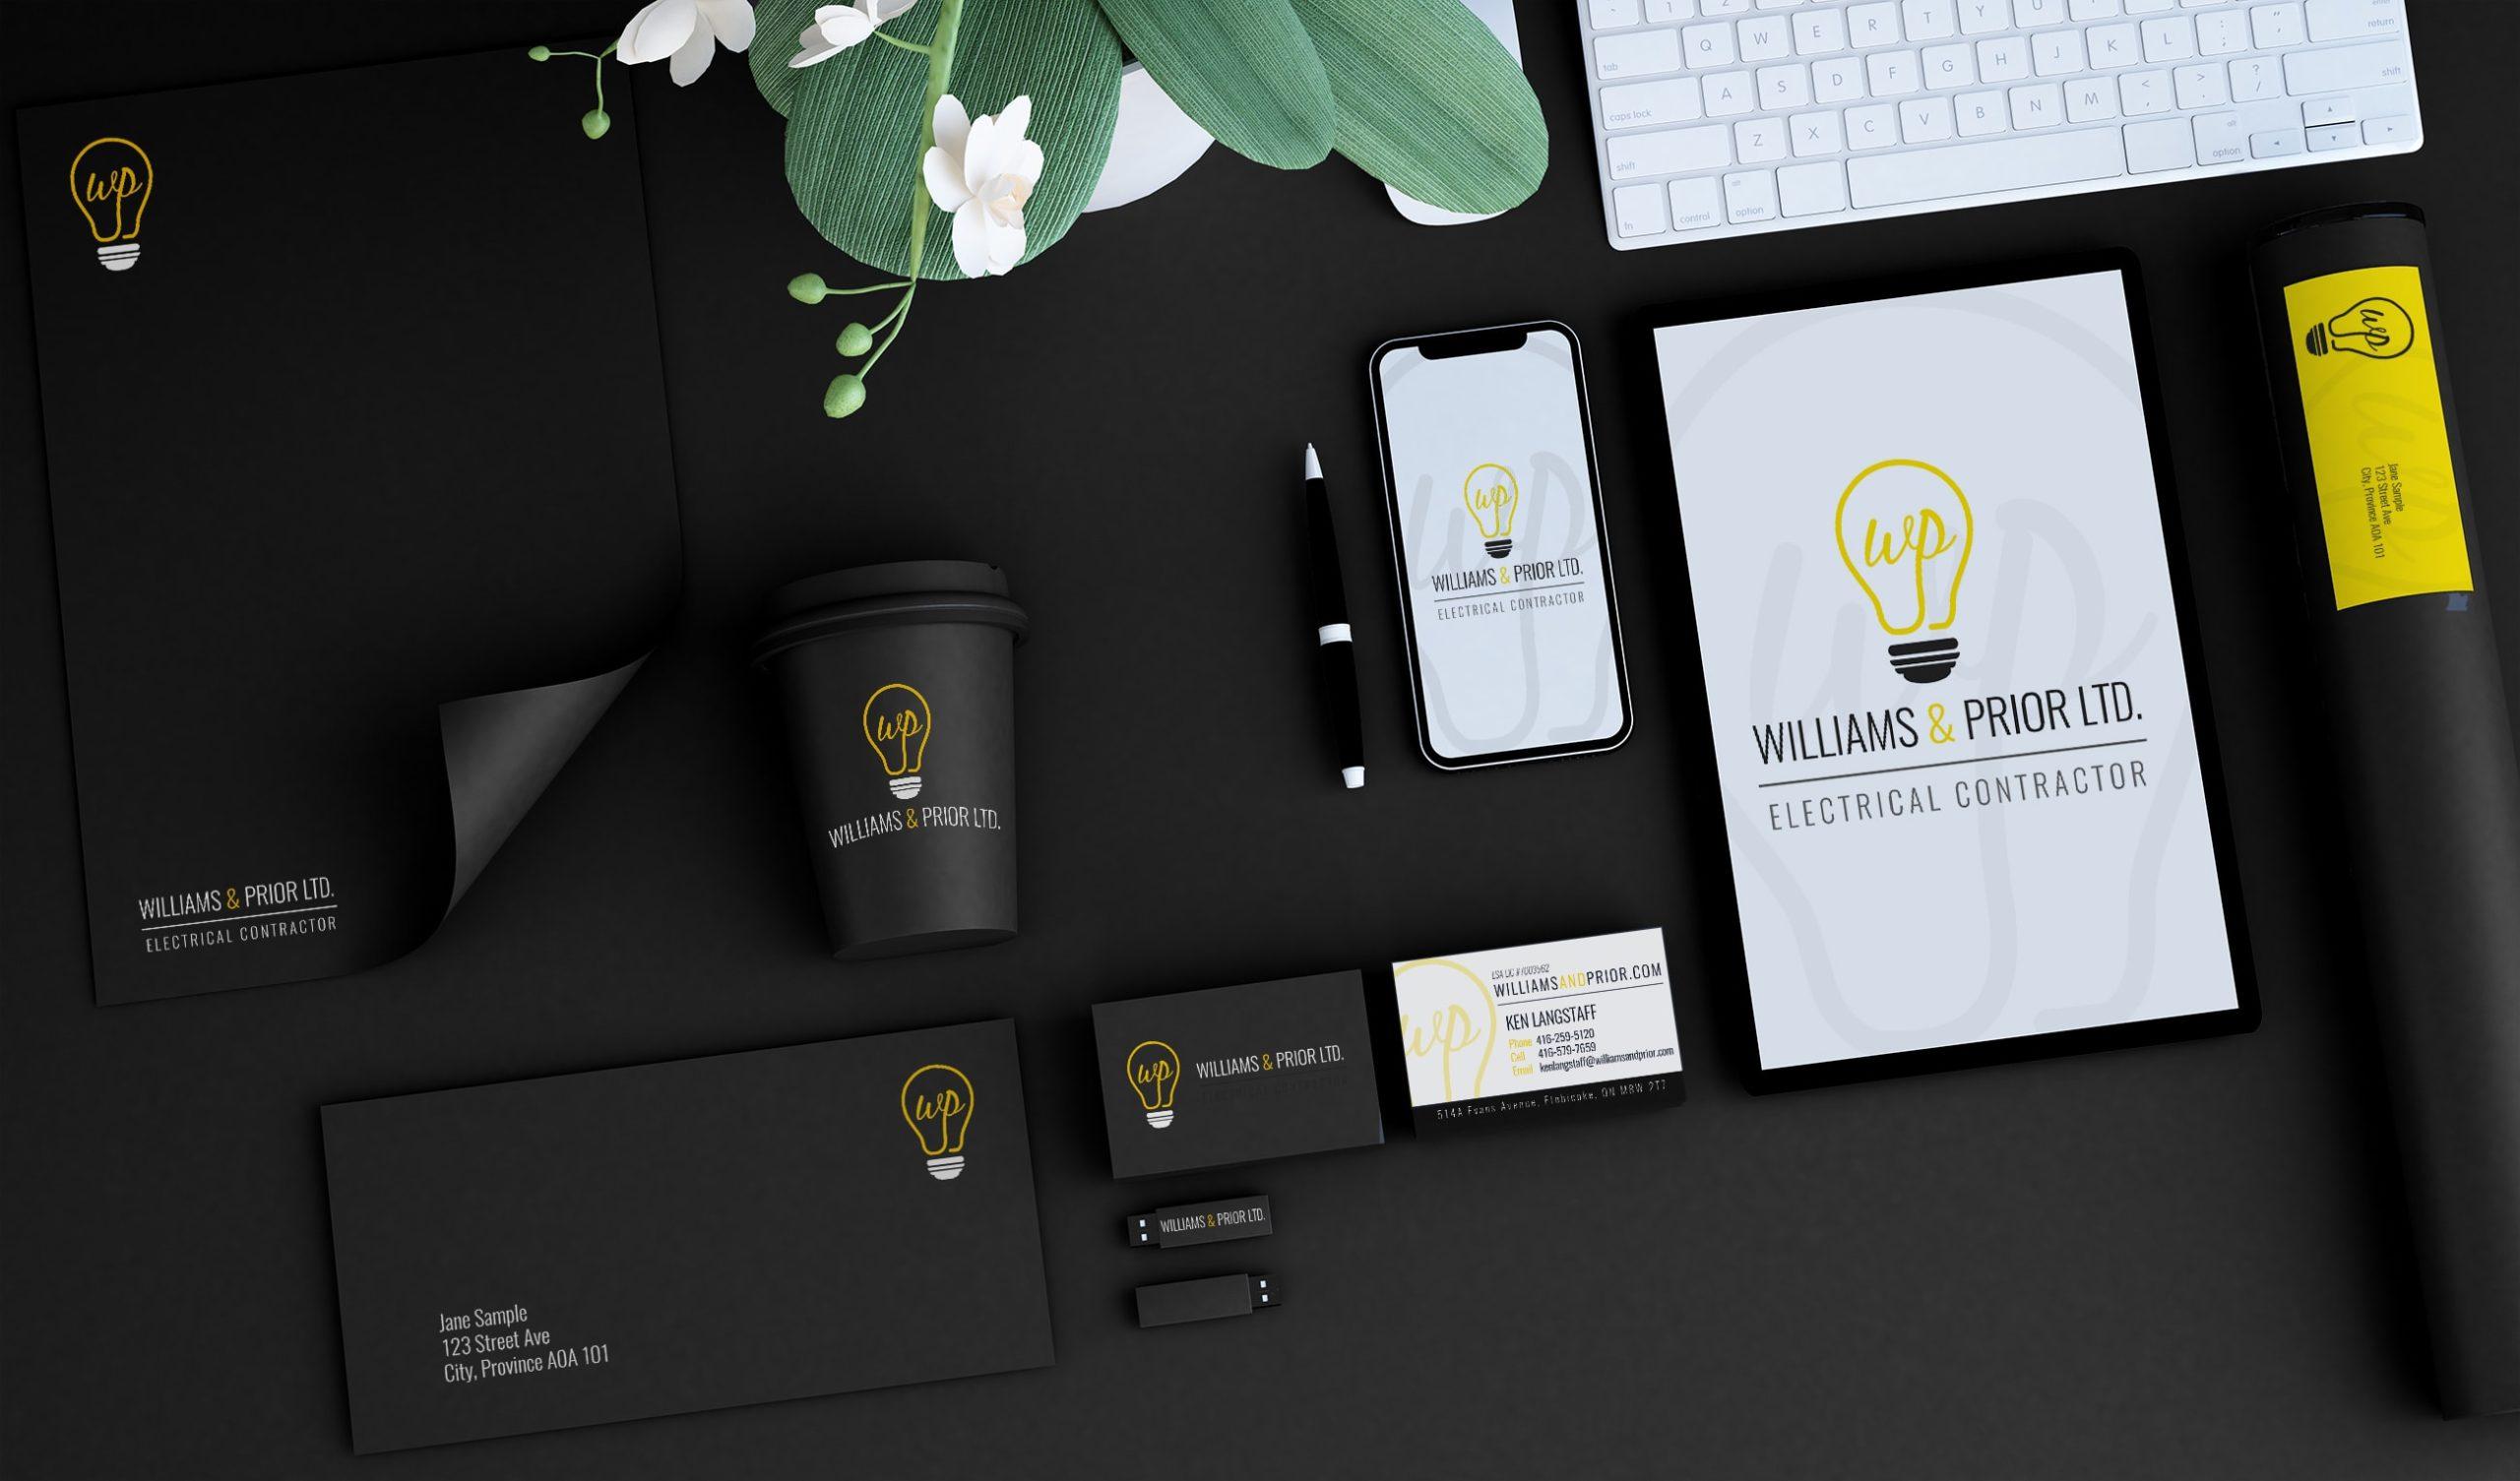 Brand Identity Design for Williams and Prior Elecrician